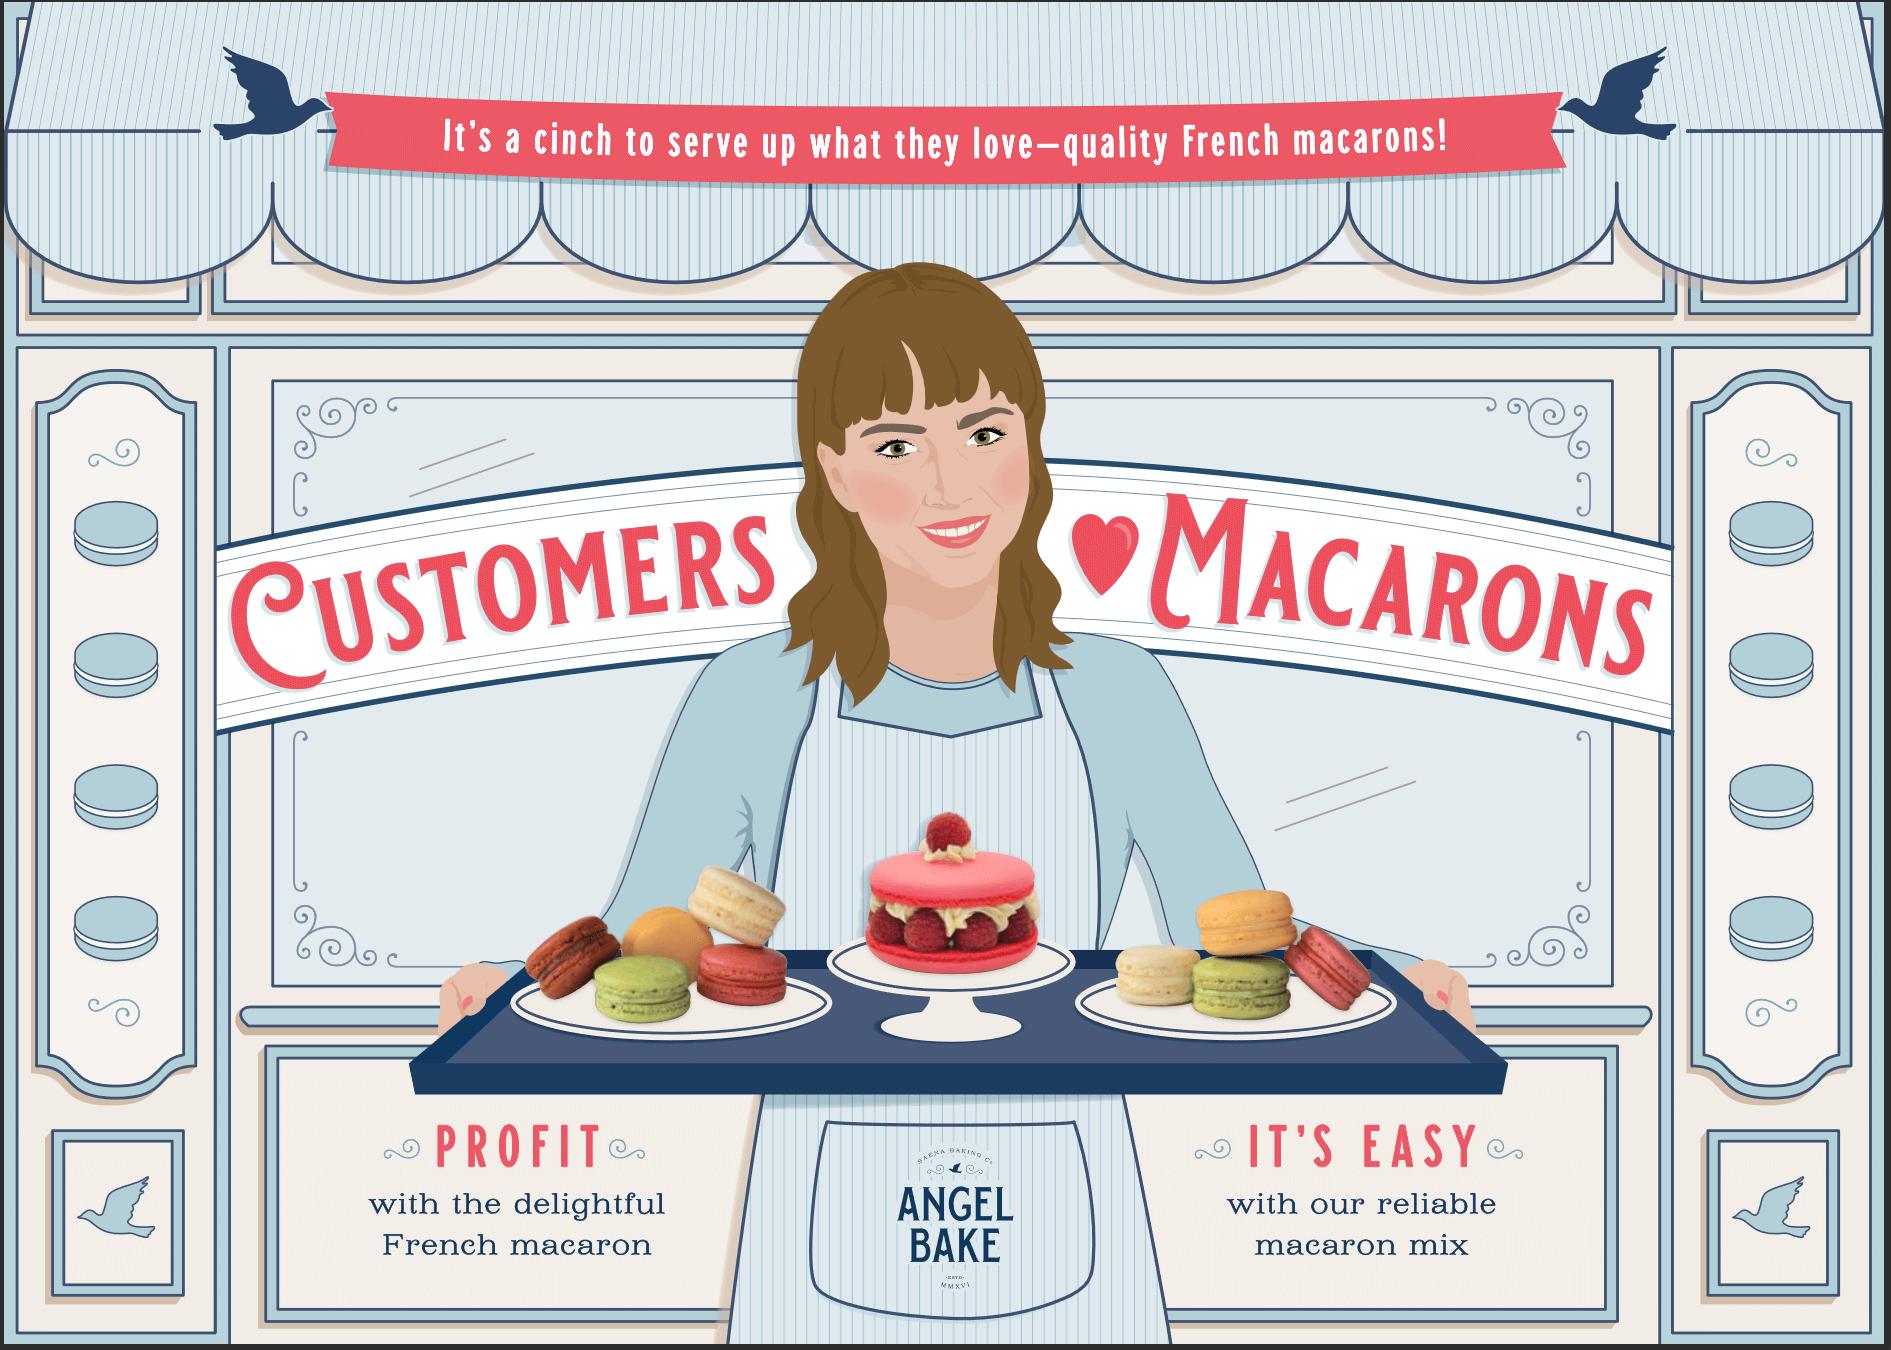 shop owner serving macarons